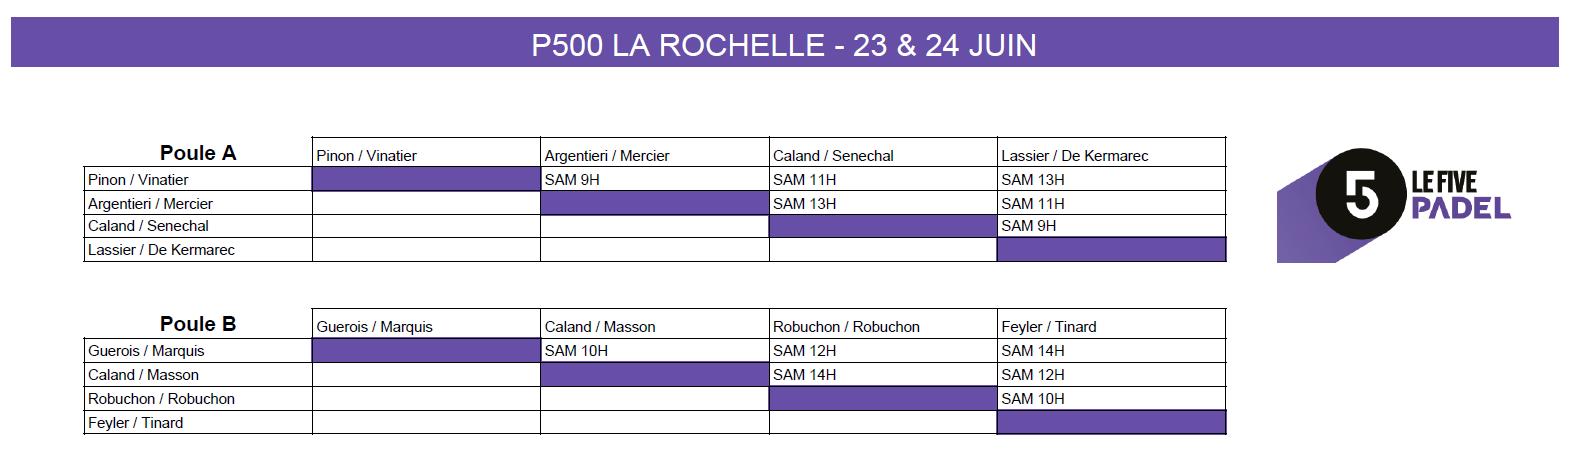 Lancement du P500 – Le Five la Rochelle